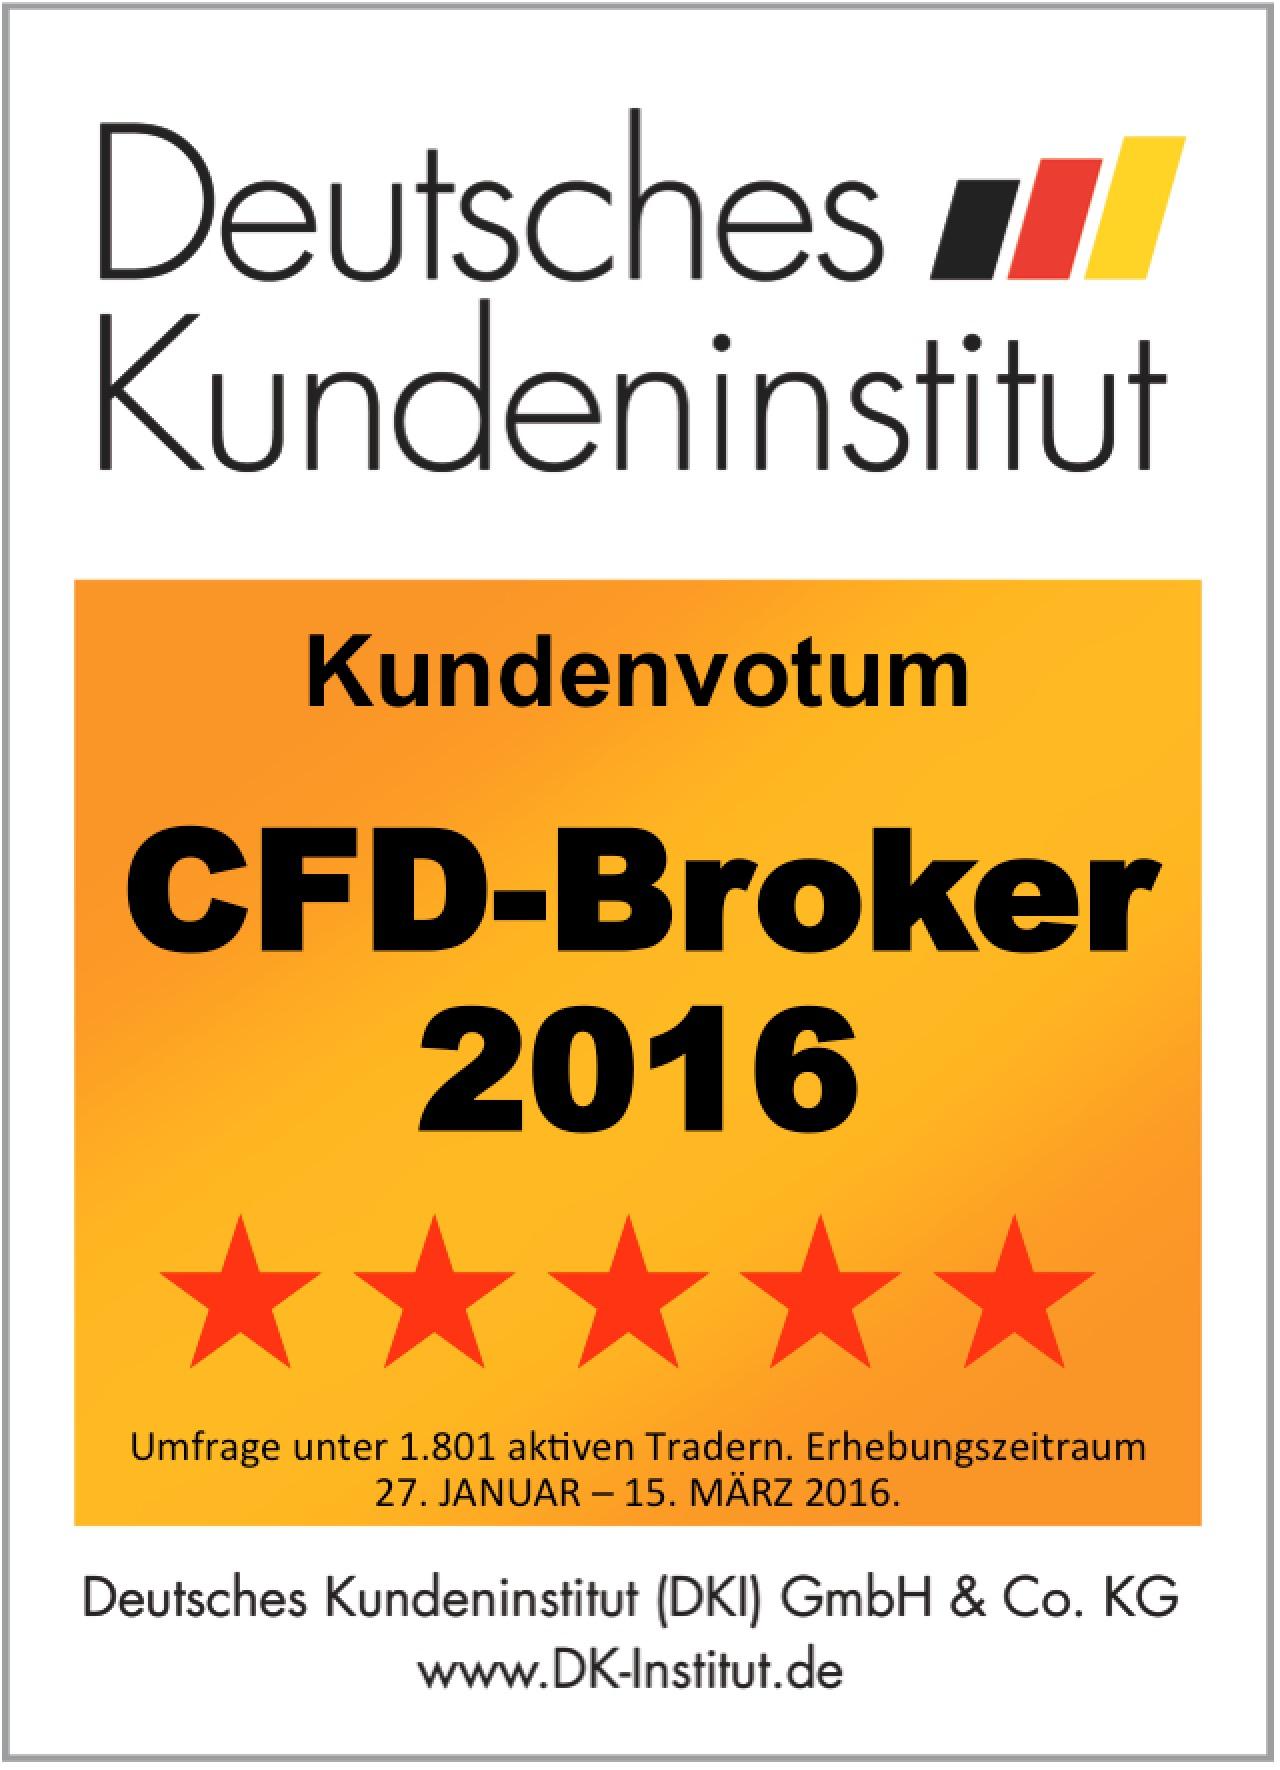 CFD Broker 2016 Kundenvotum